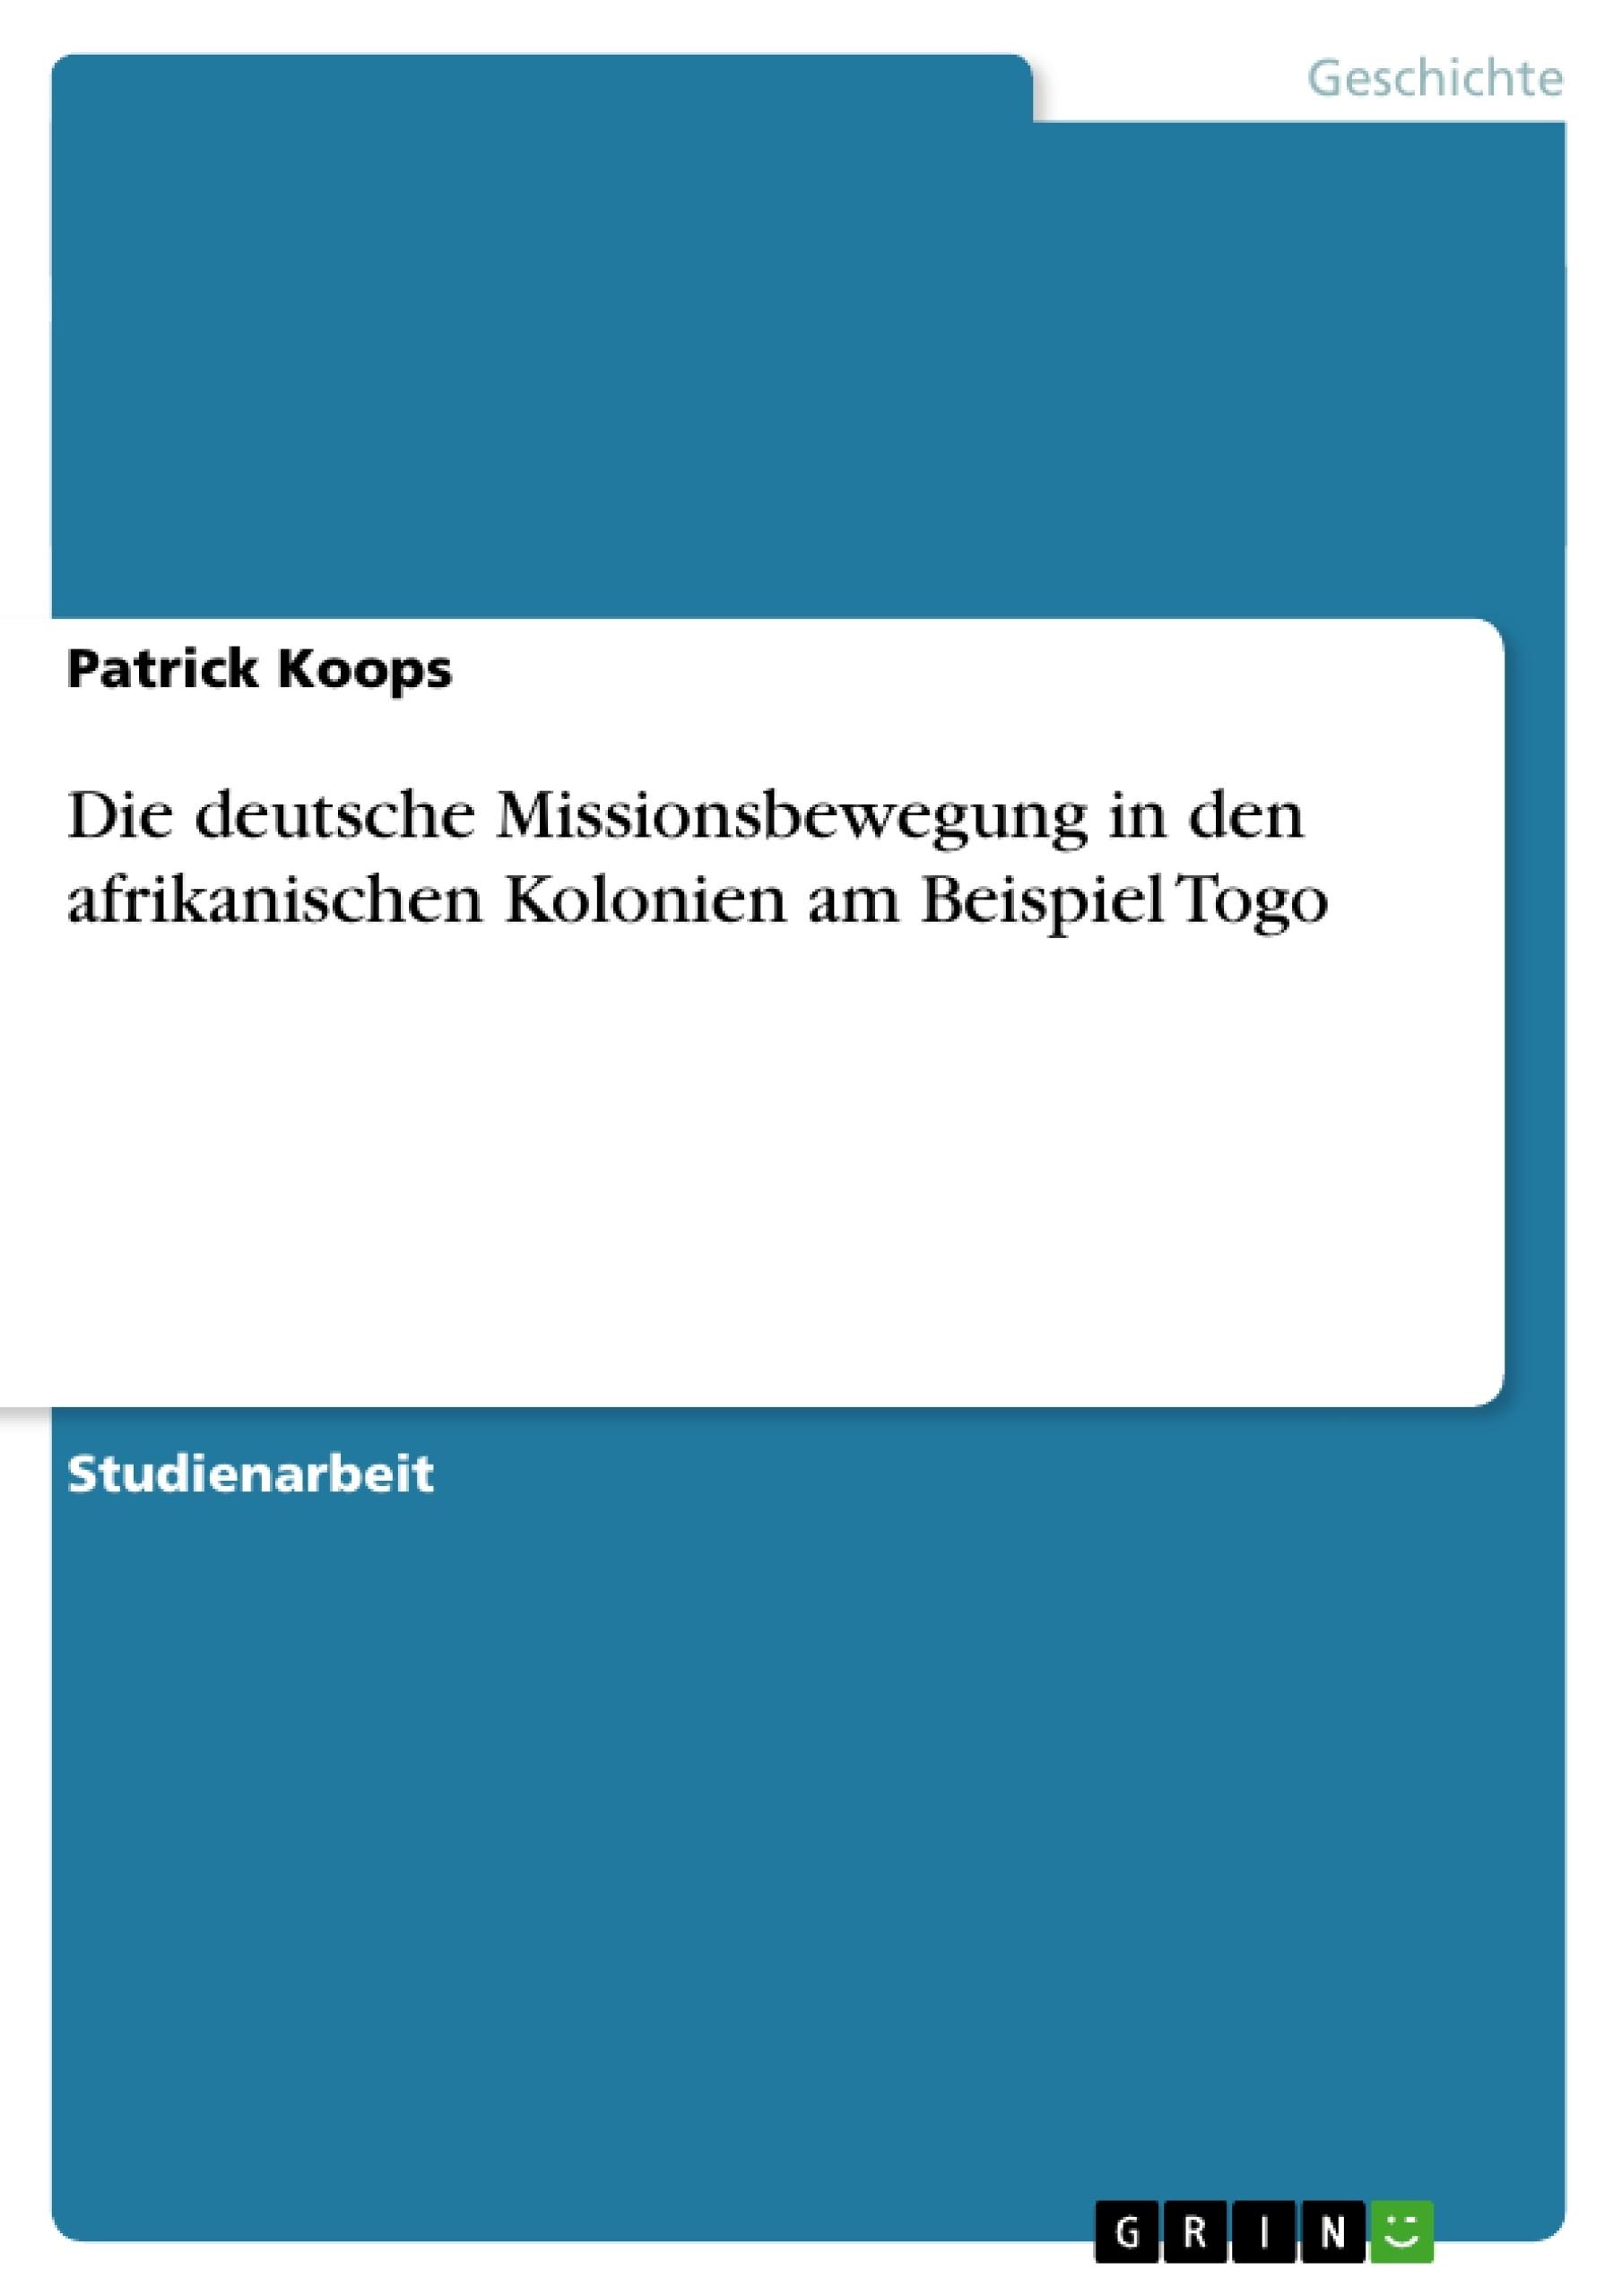 Titel: Die deutsche Missionsbewegung in den afrikanischen Kolonien am Beispiel Togo